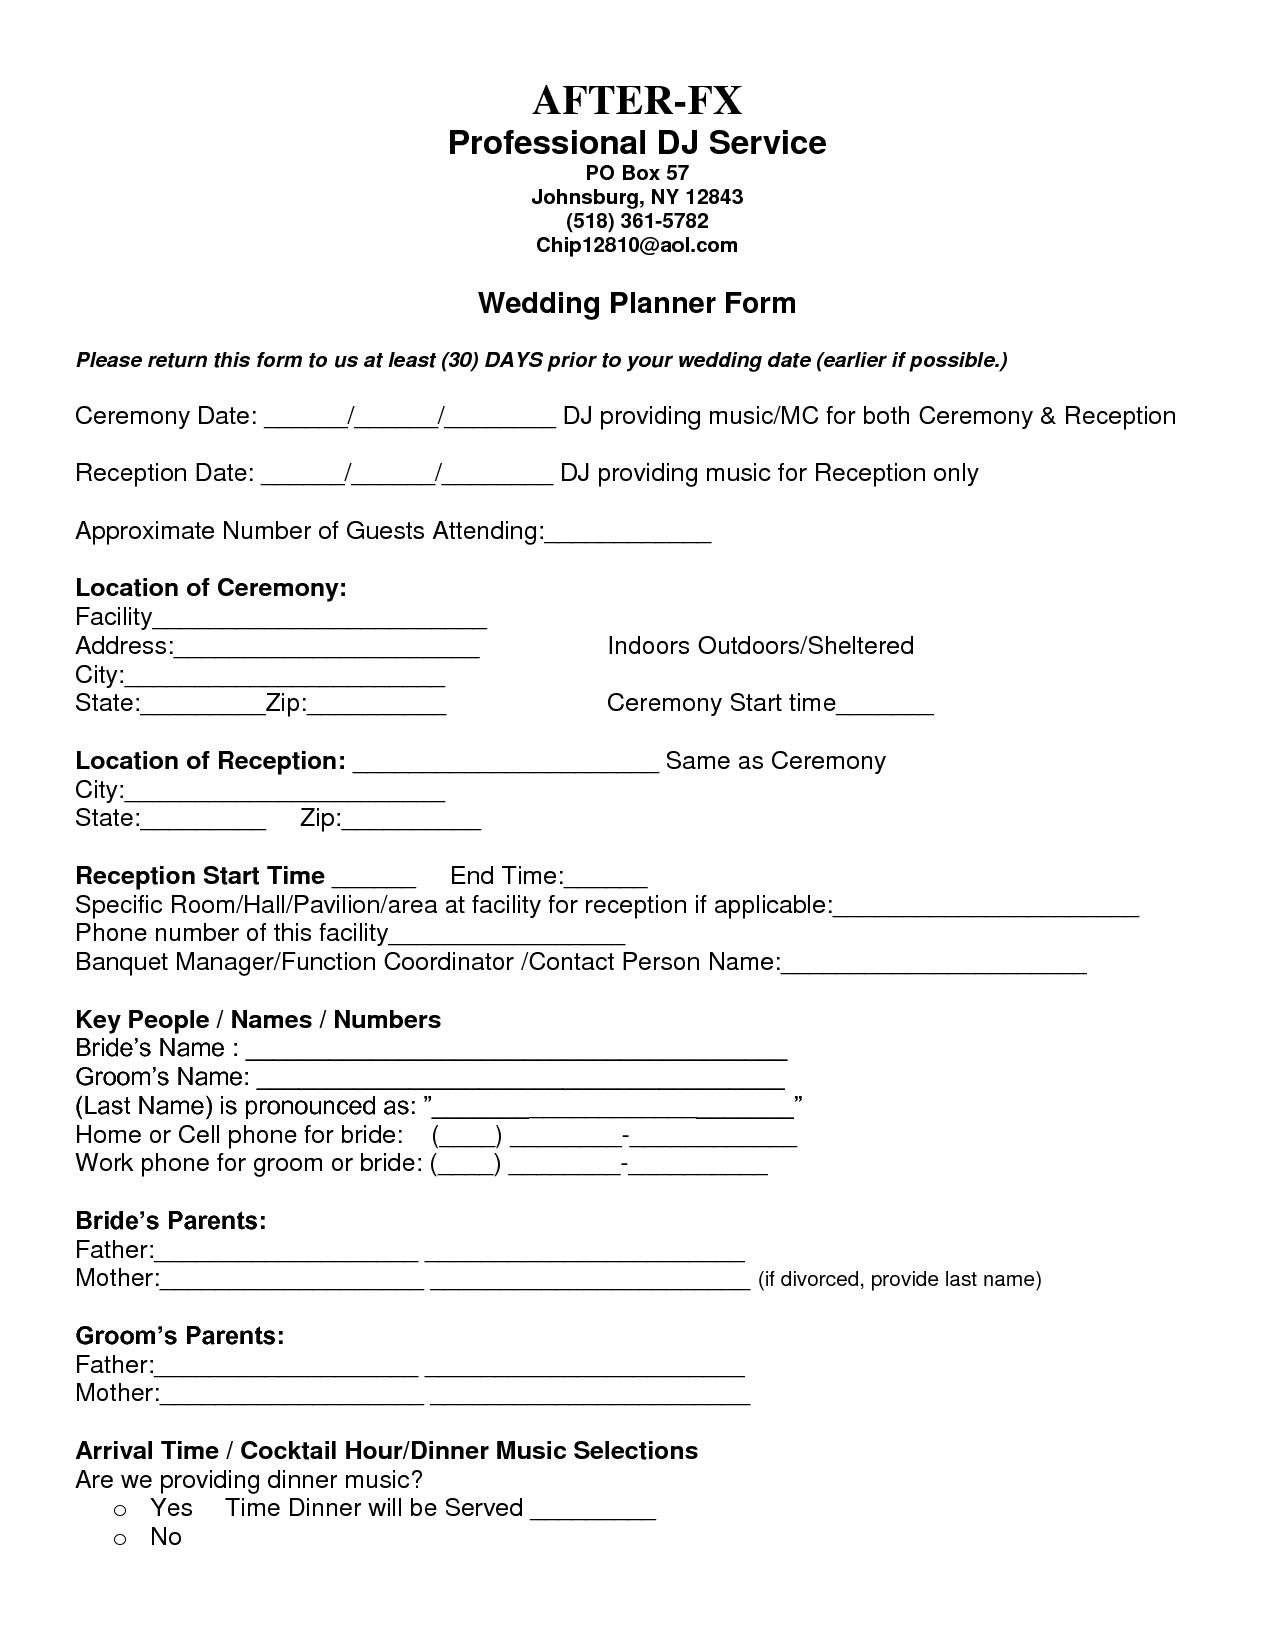 7 best images of printable wedding planning forms wedding party checklist printable printable. Black Bedroom Furniture Sets. Home Design Ideas